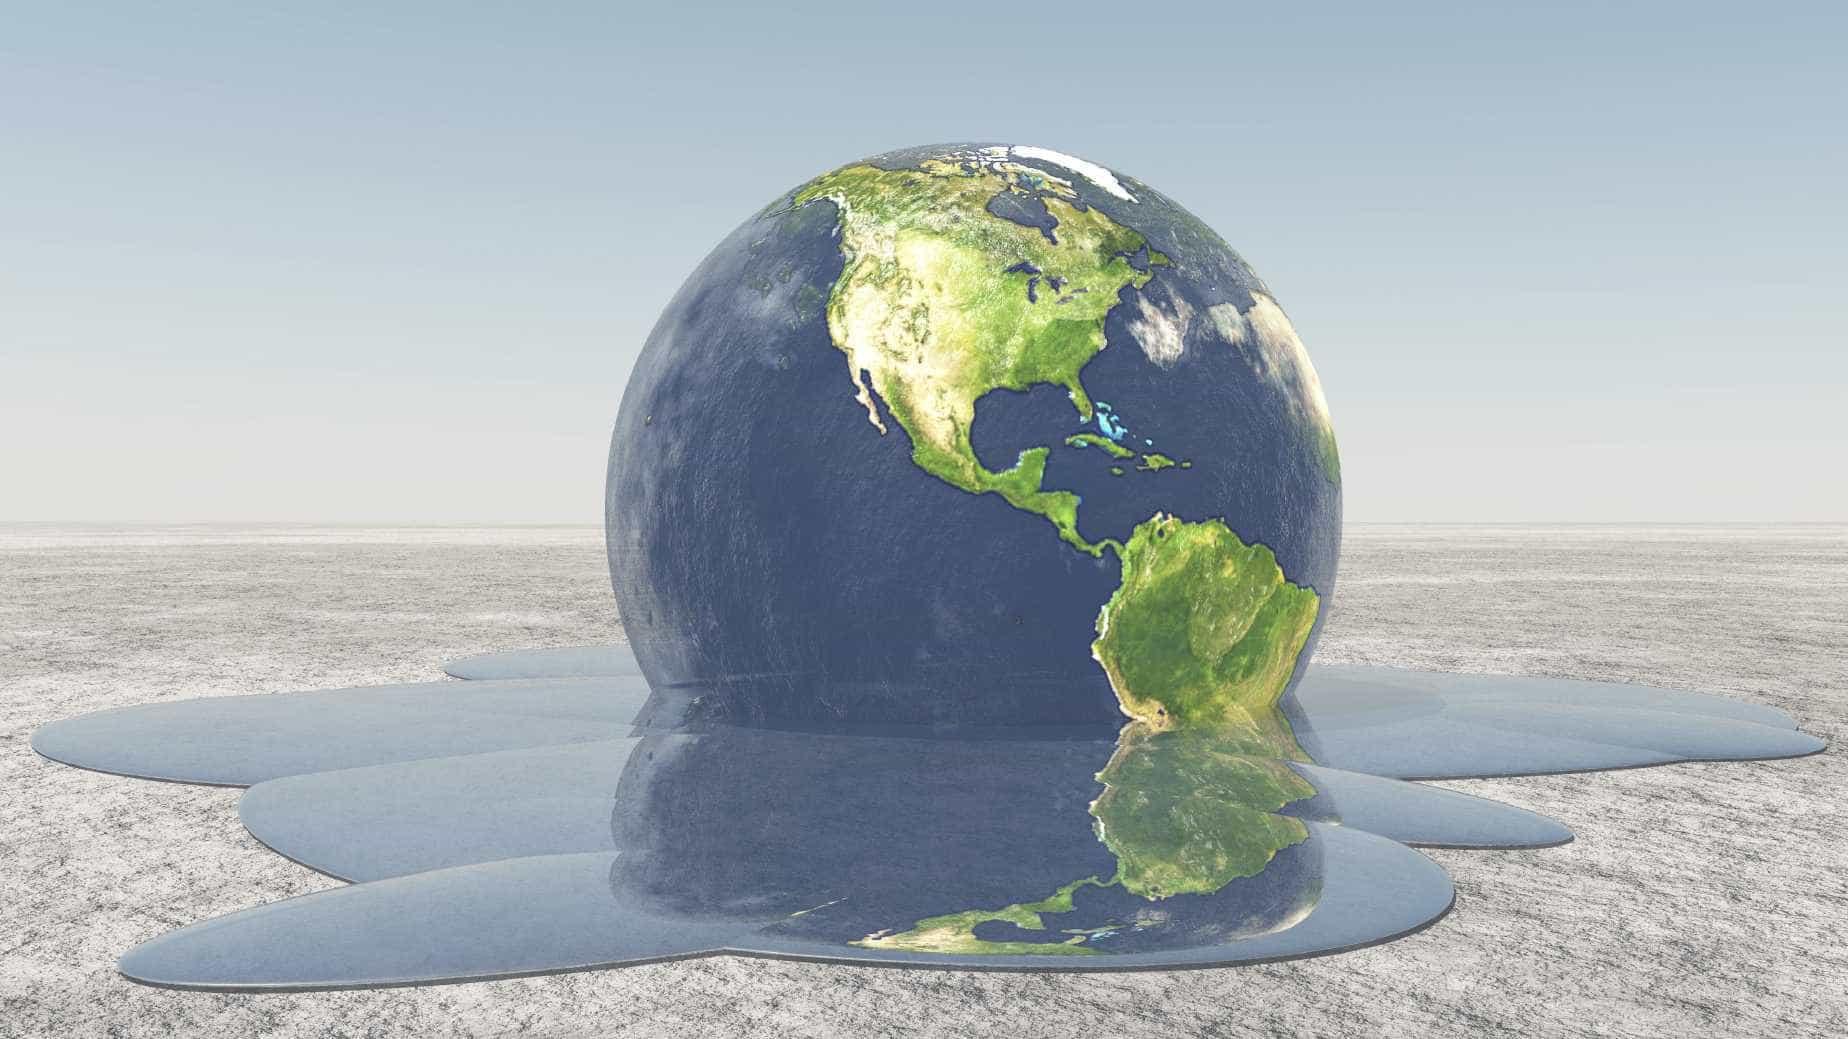 Pode haver métodos diferentes de analisar mudanças climáticas